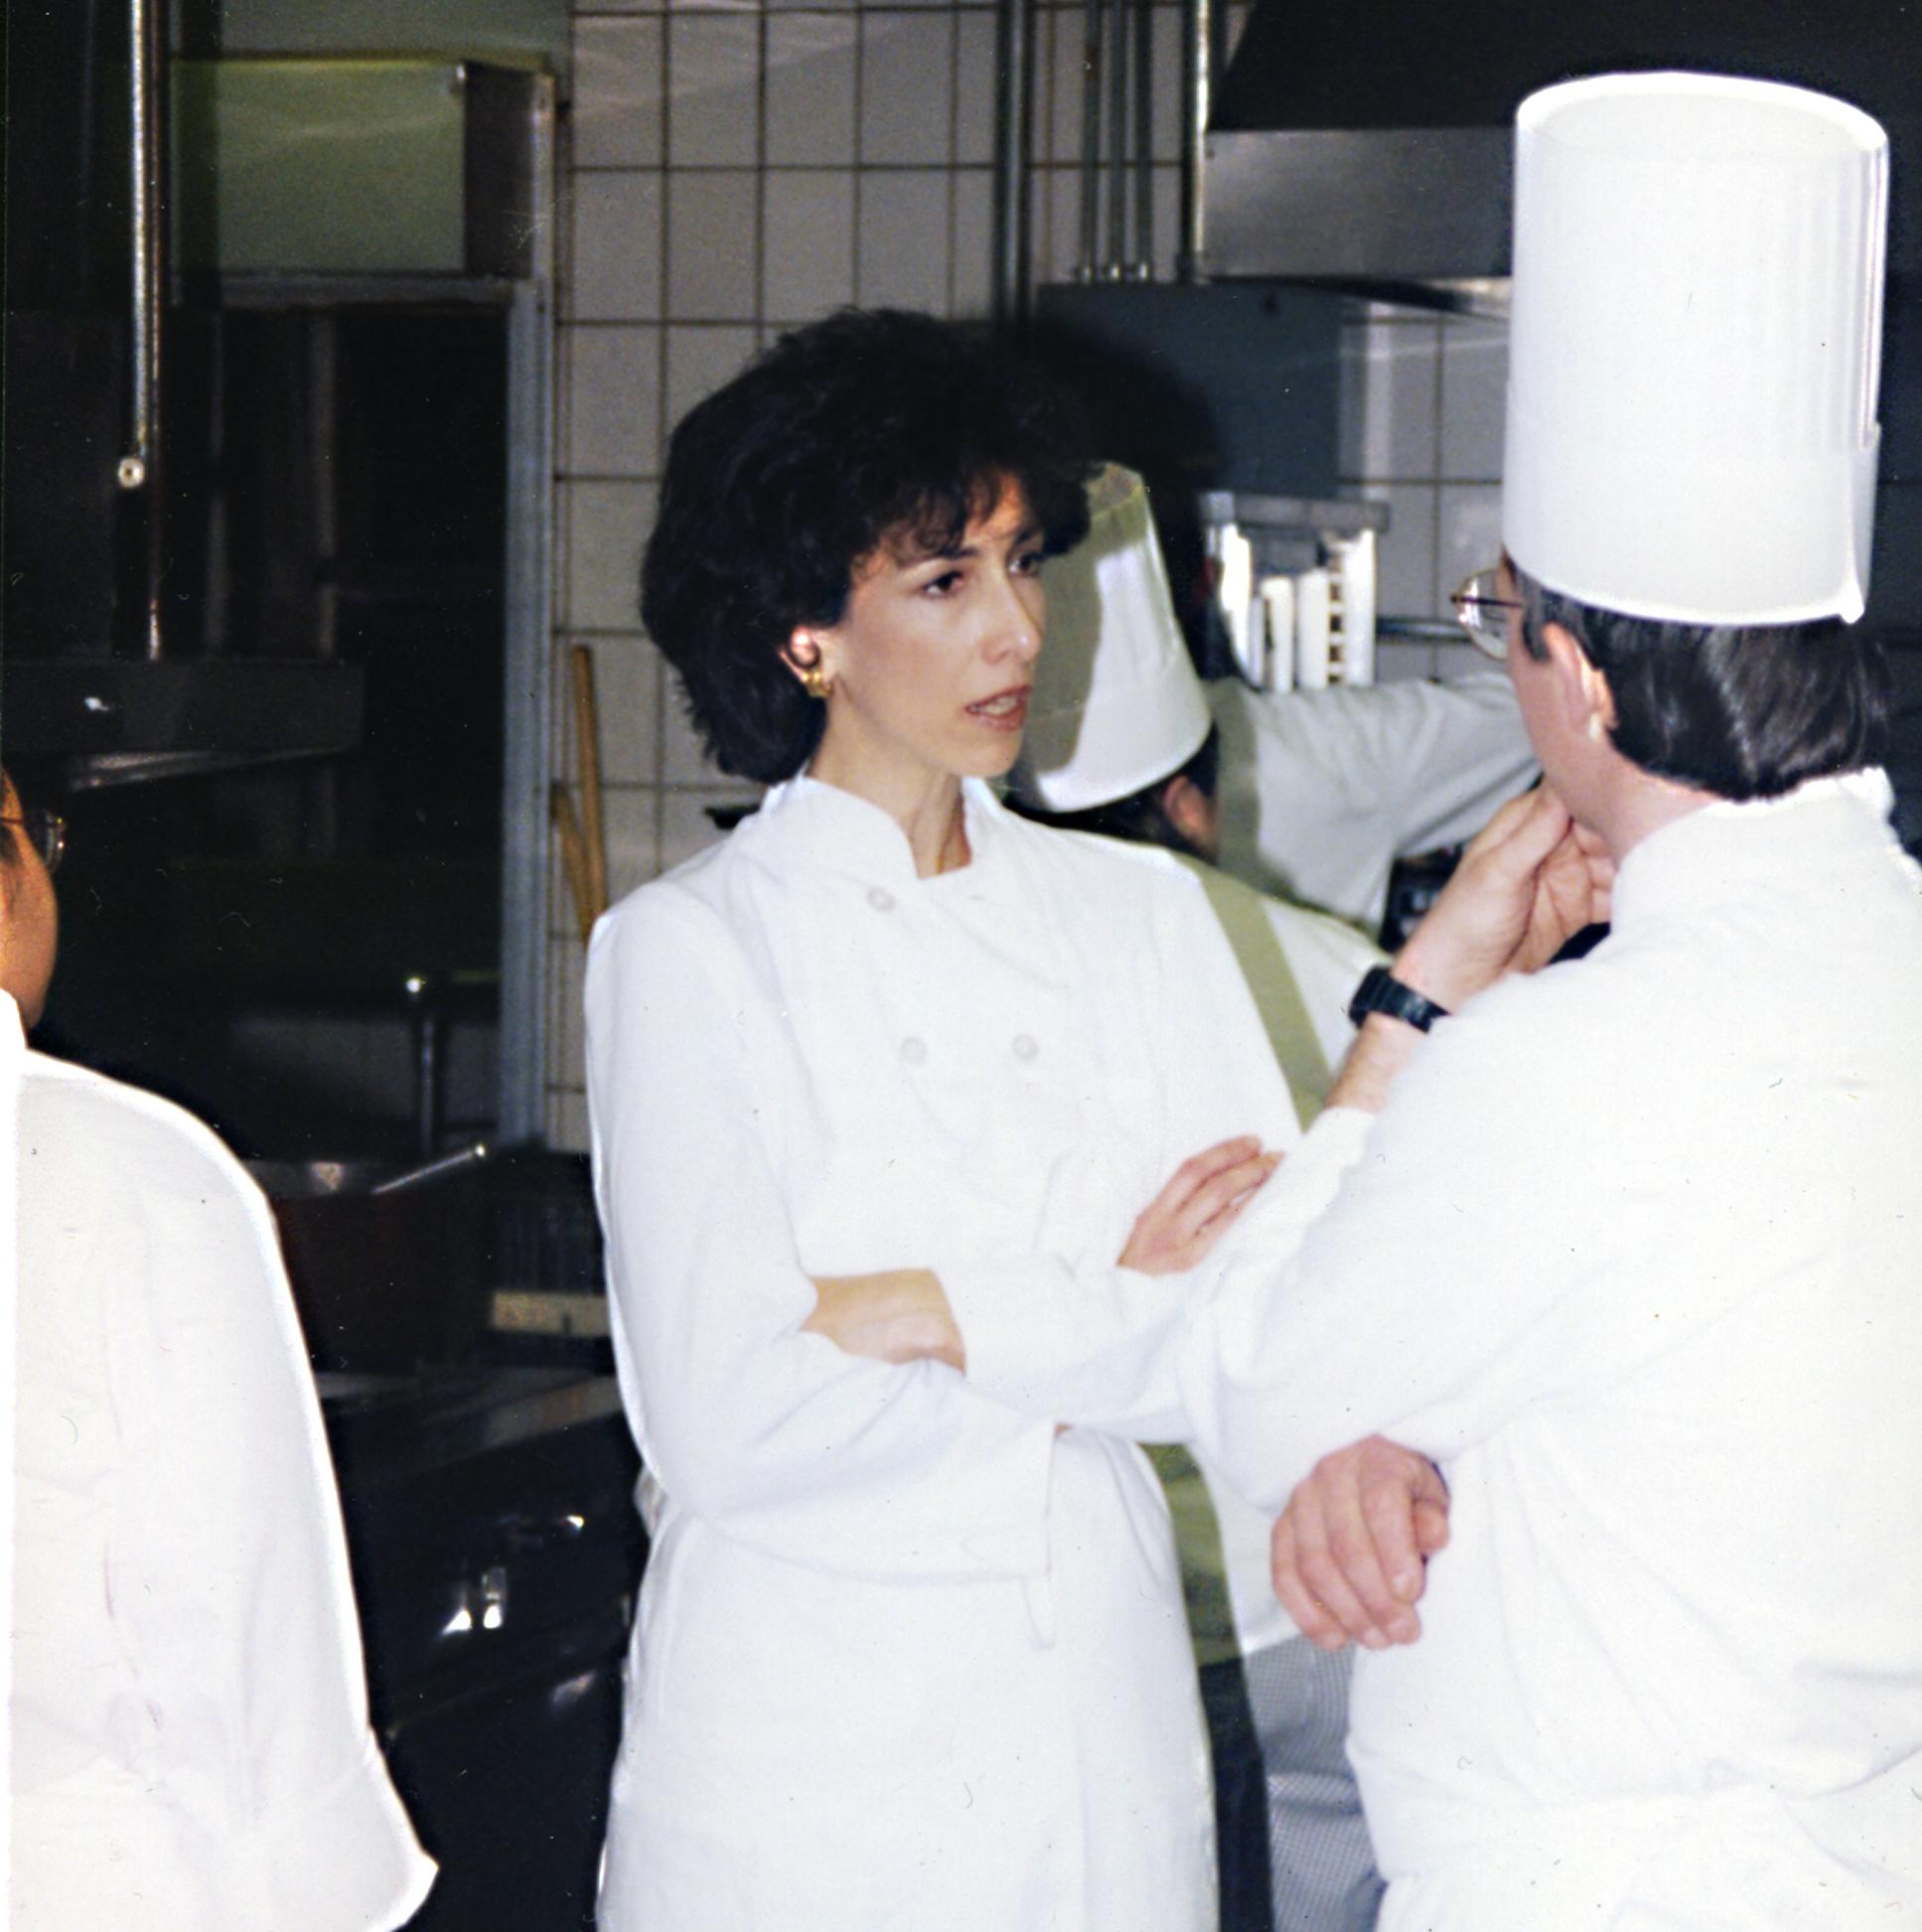 RG_Chef.jpg